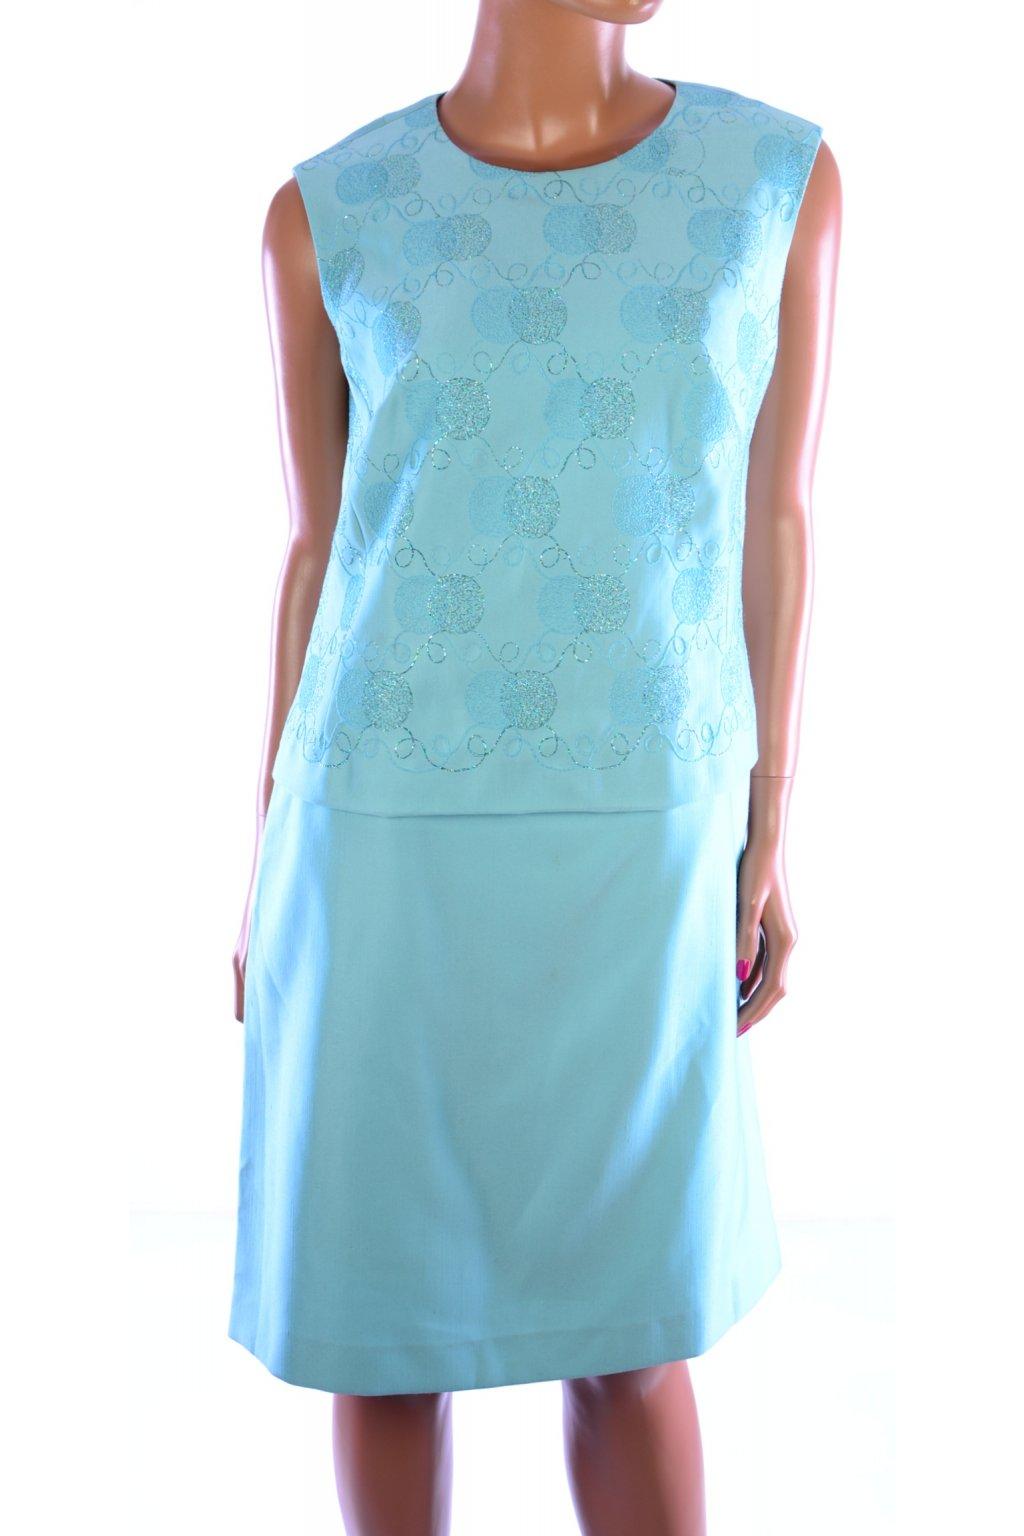 Šaty modré společenské Trevira vel. M - L